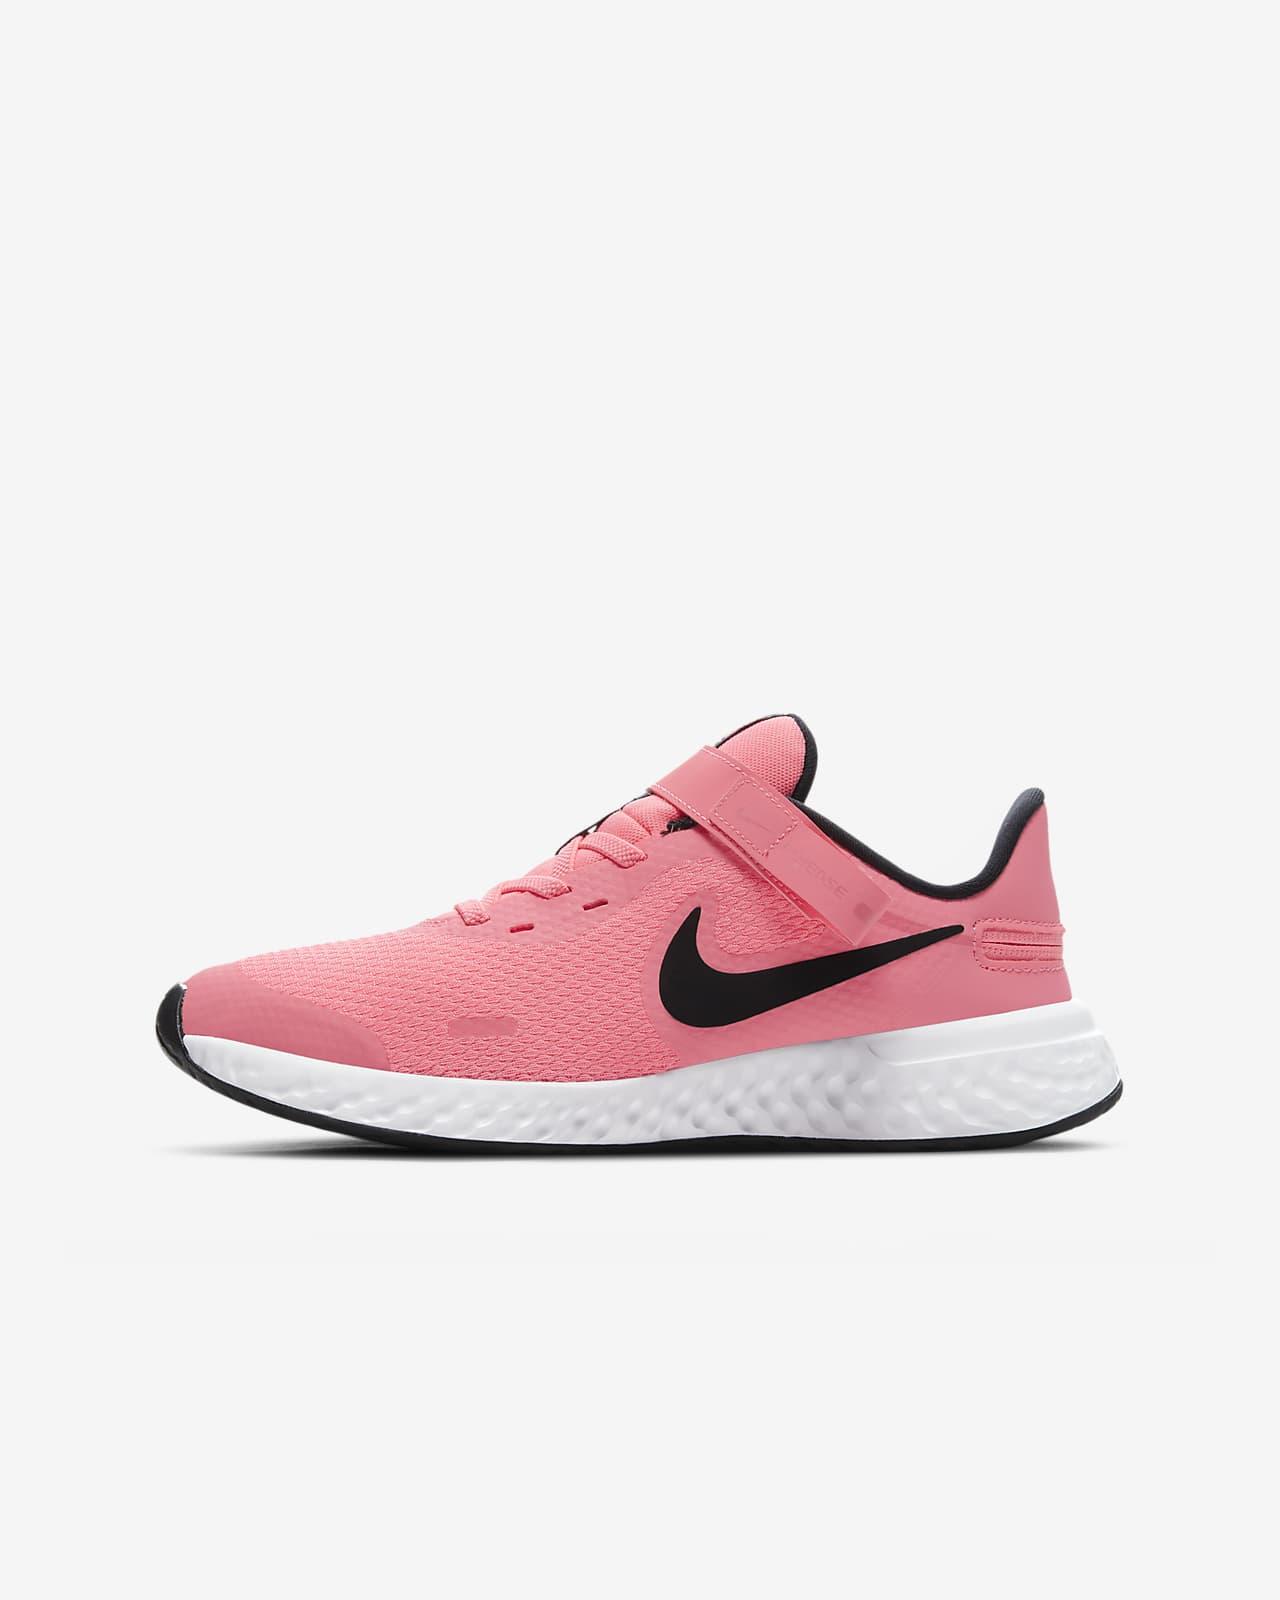 Běžecká bota Nike Revolution 5 FlyEase pro větší děti